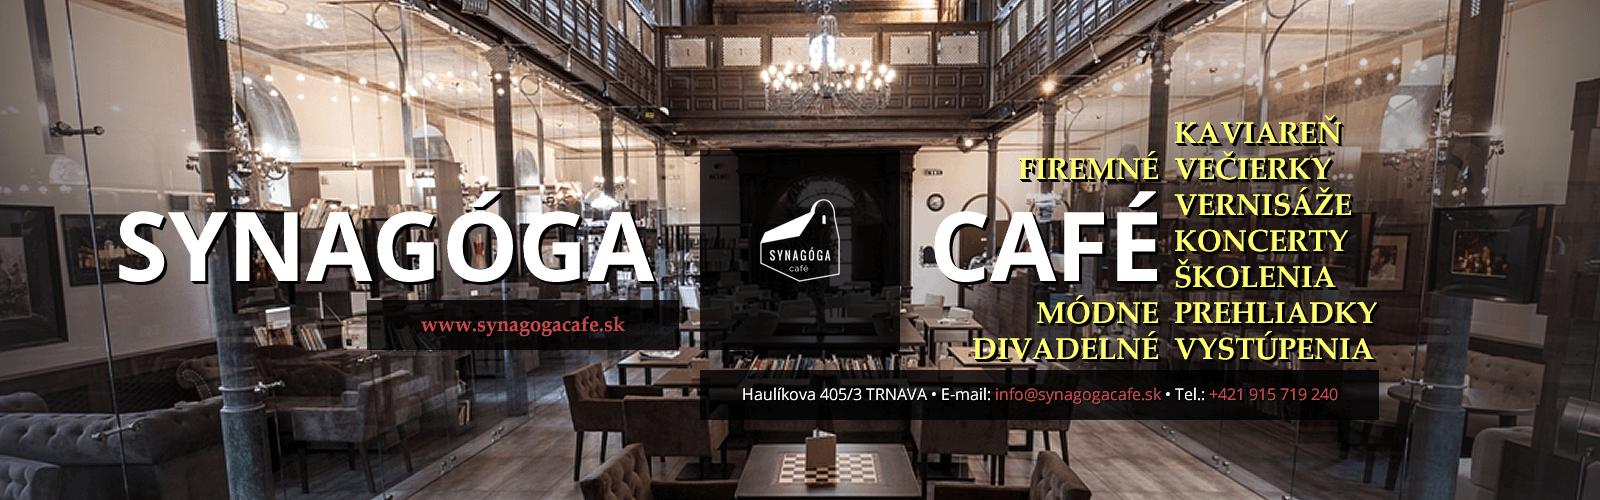 Synagóga Café